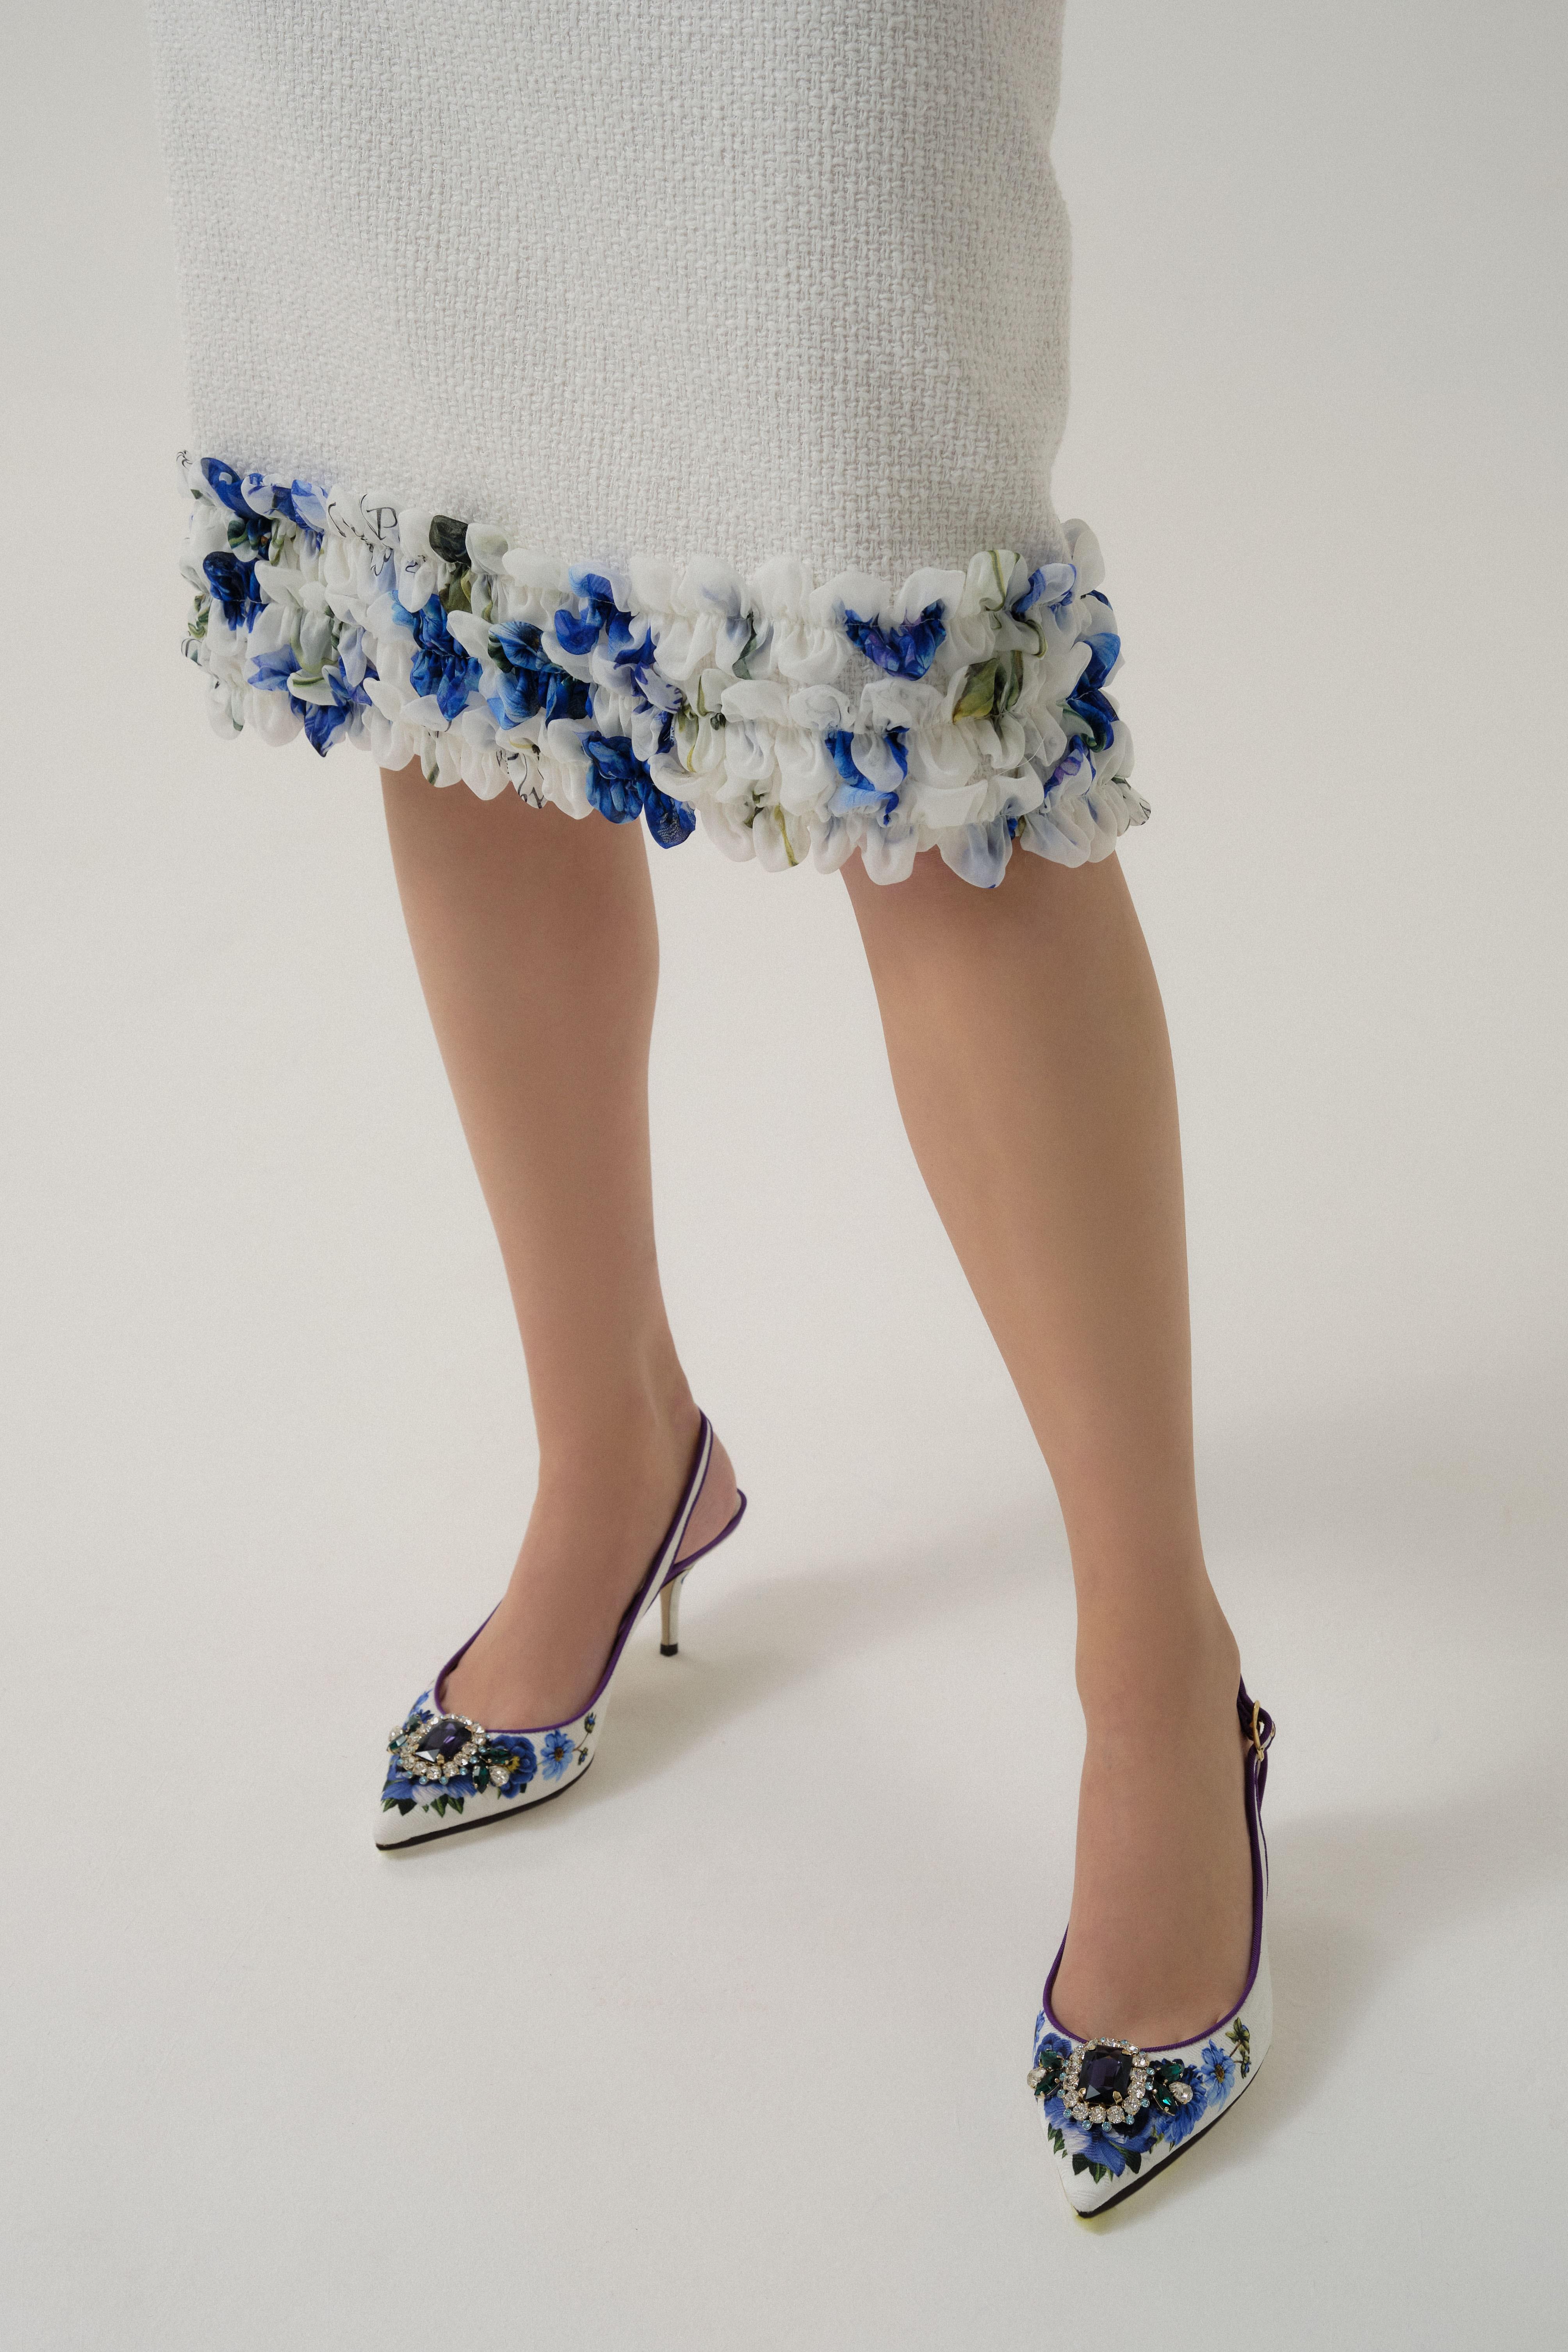 Букет голубых цветов в коллекции Dolce & GabbanaBlueGarden